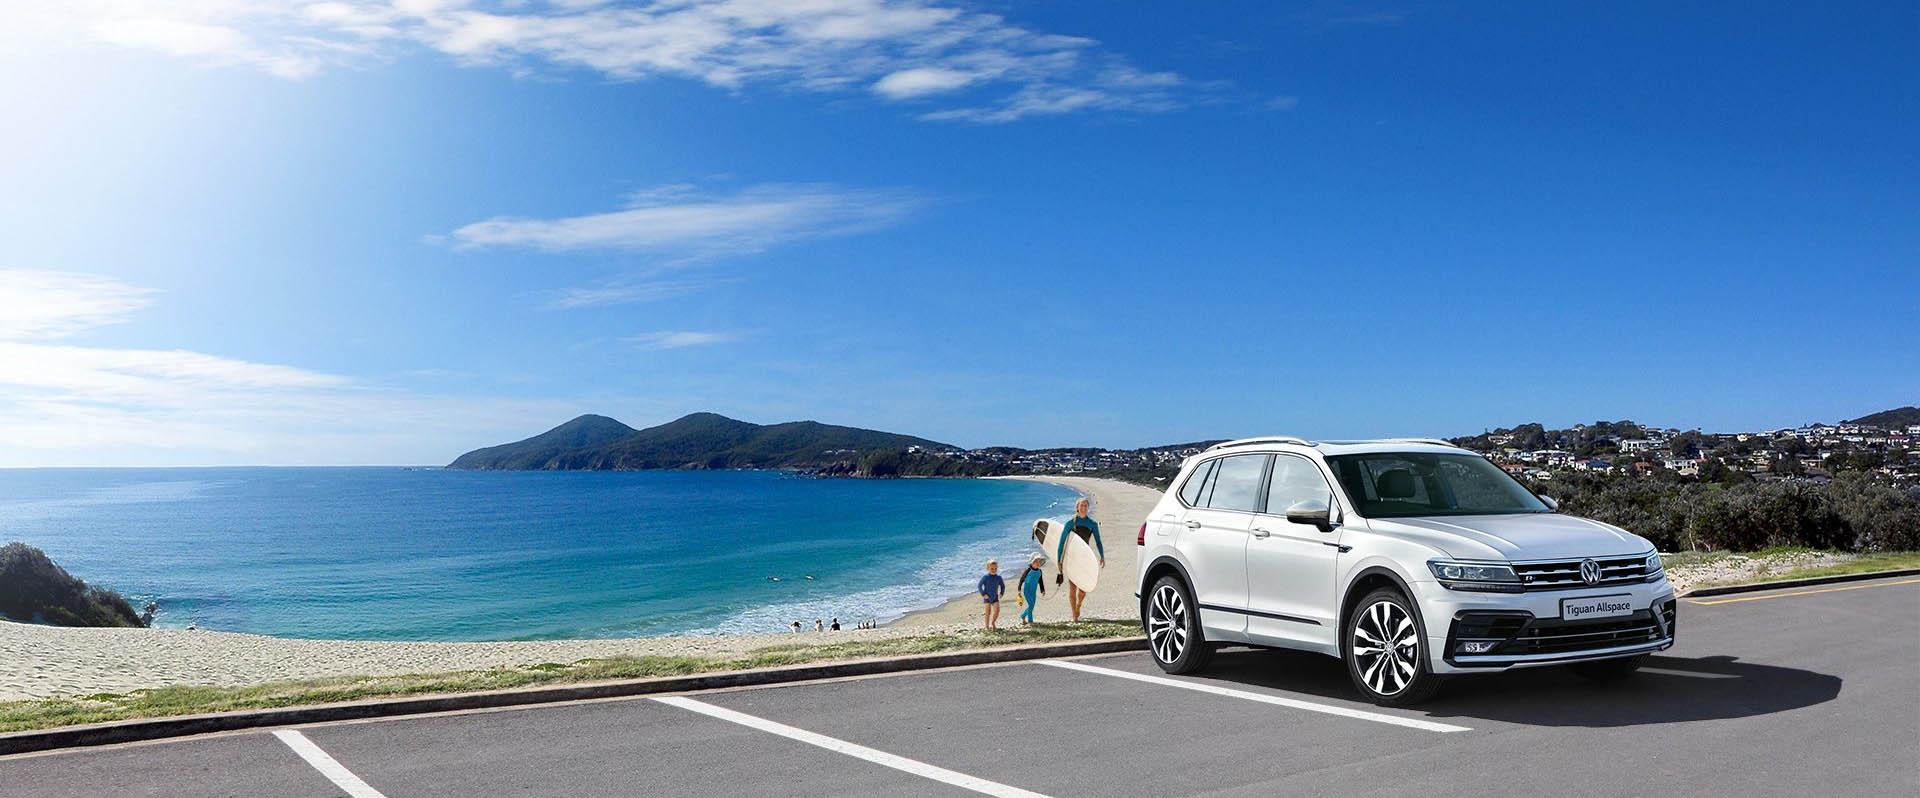 Volkswagen-The new 7-seat Tiguan Allspace